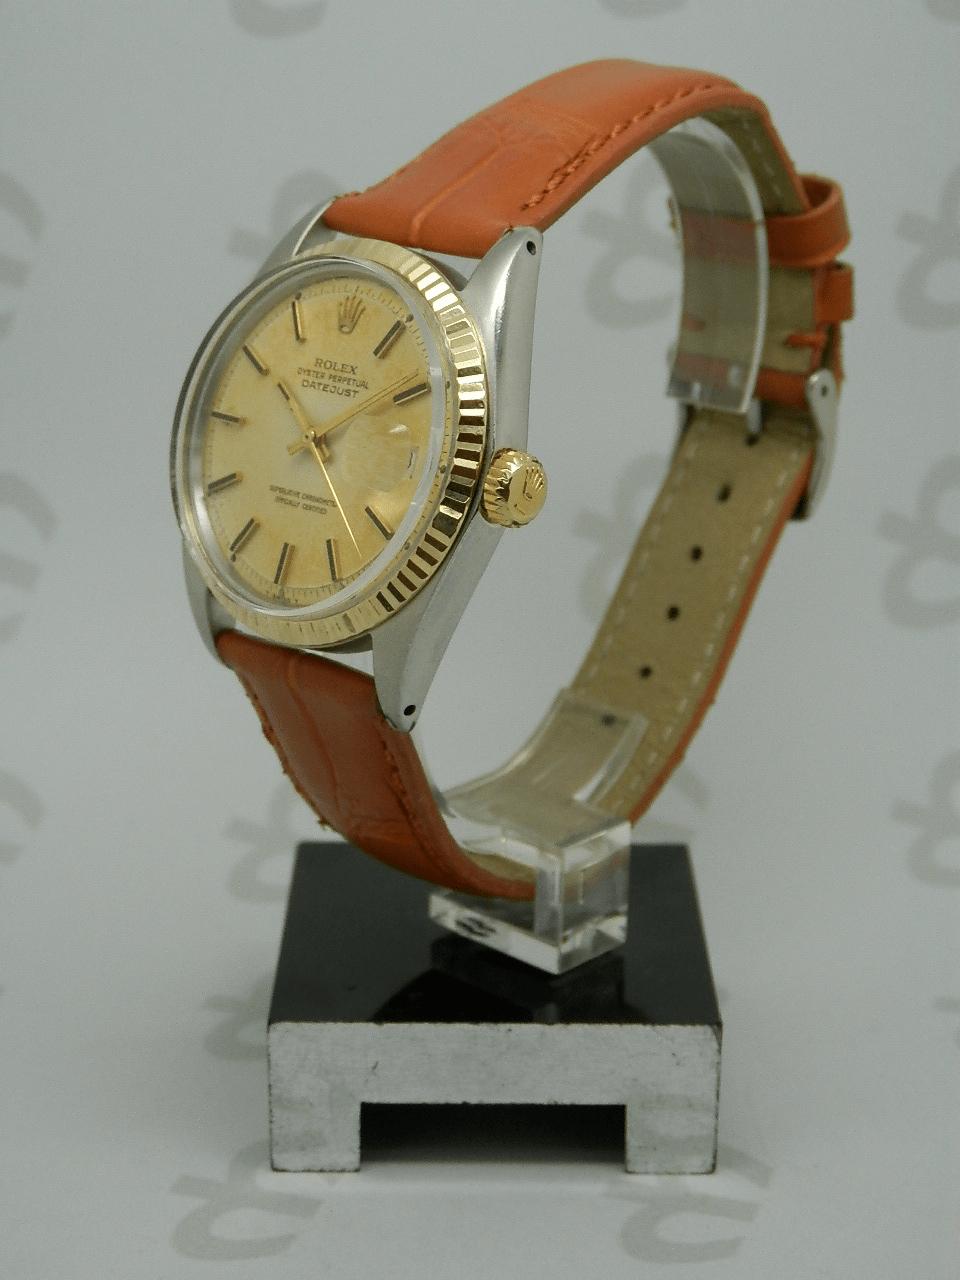 Rolex Datejust Acero y Oro Ref. 1601